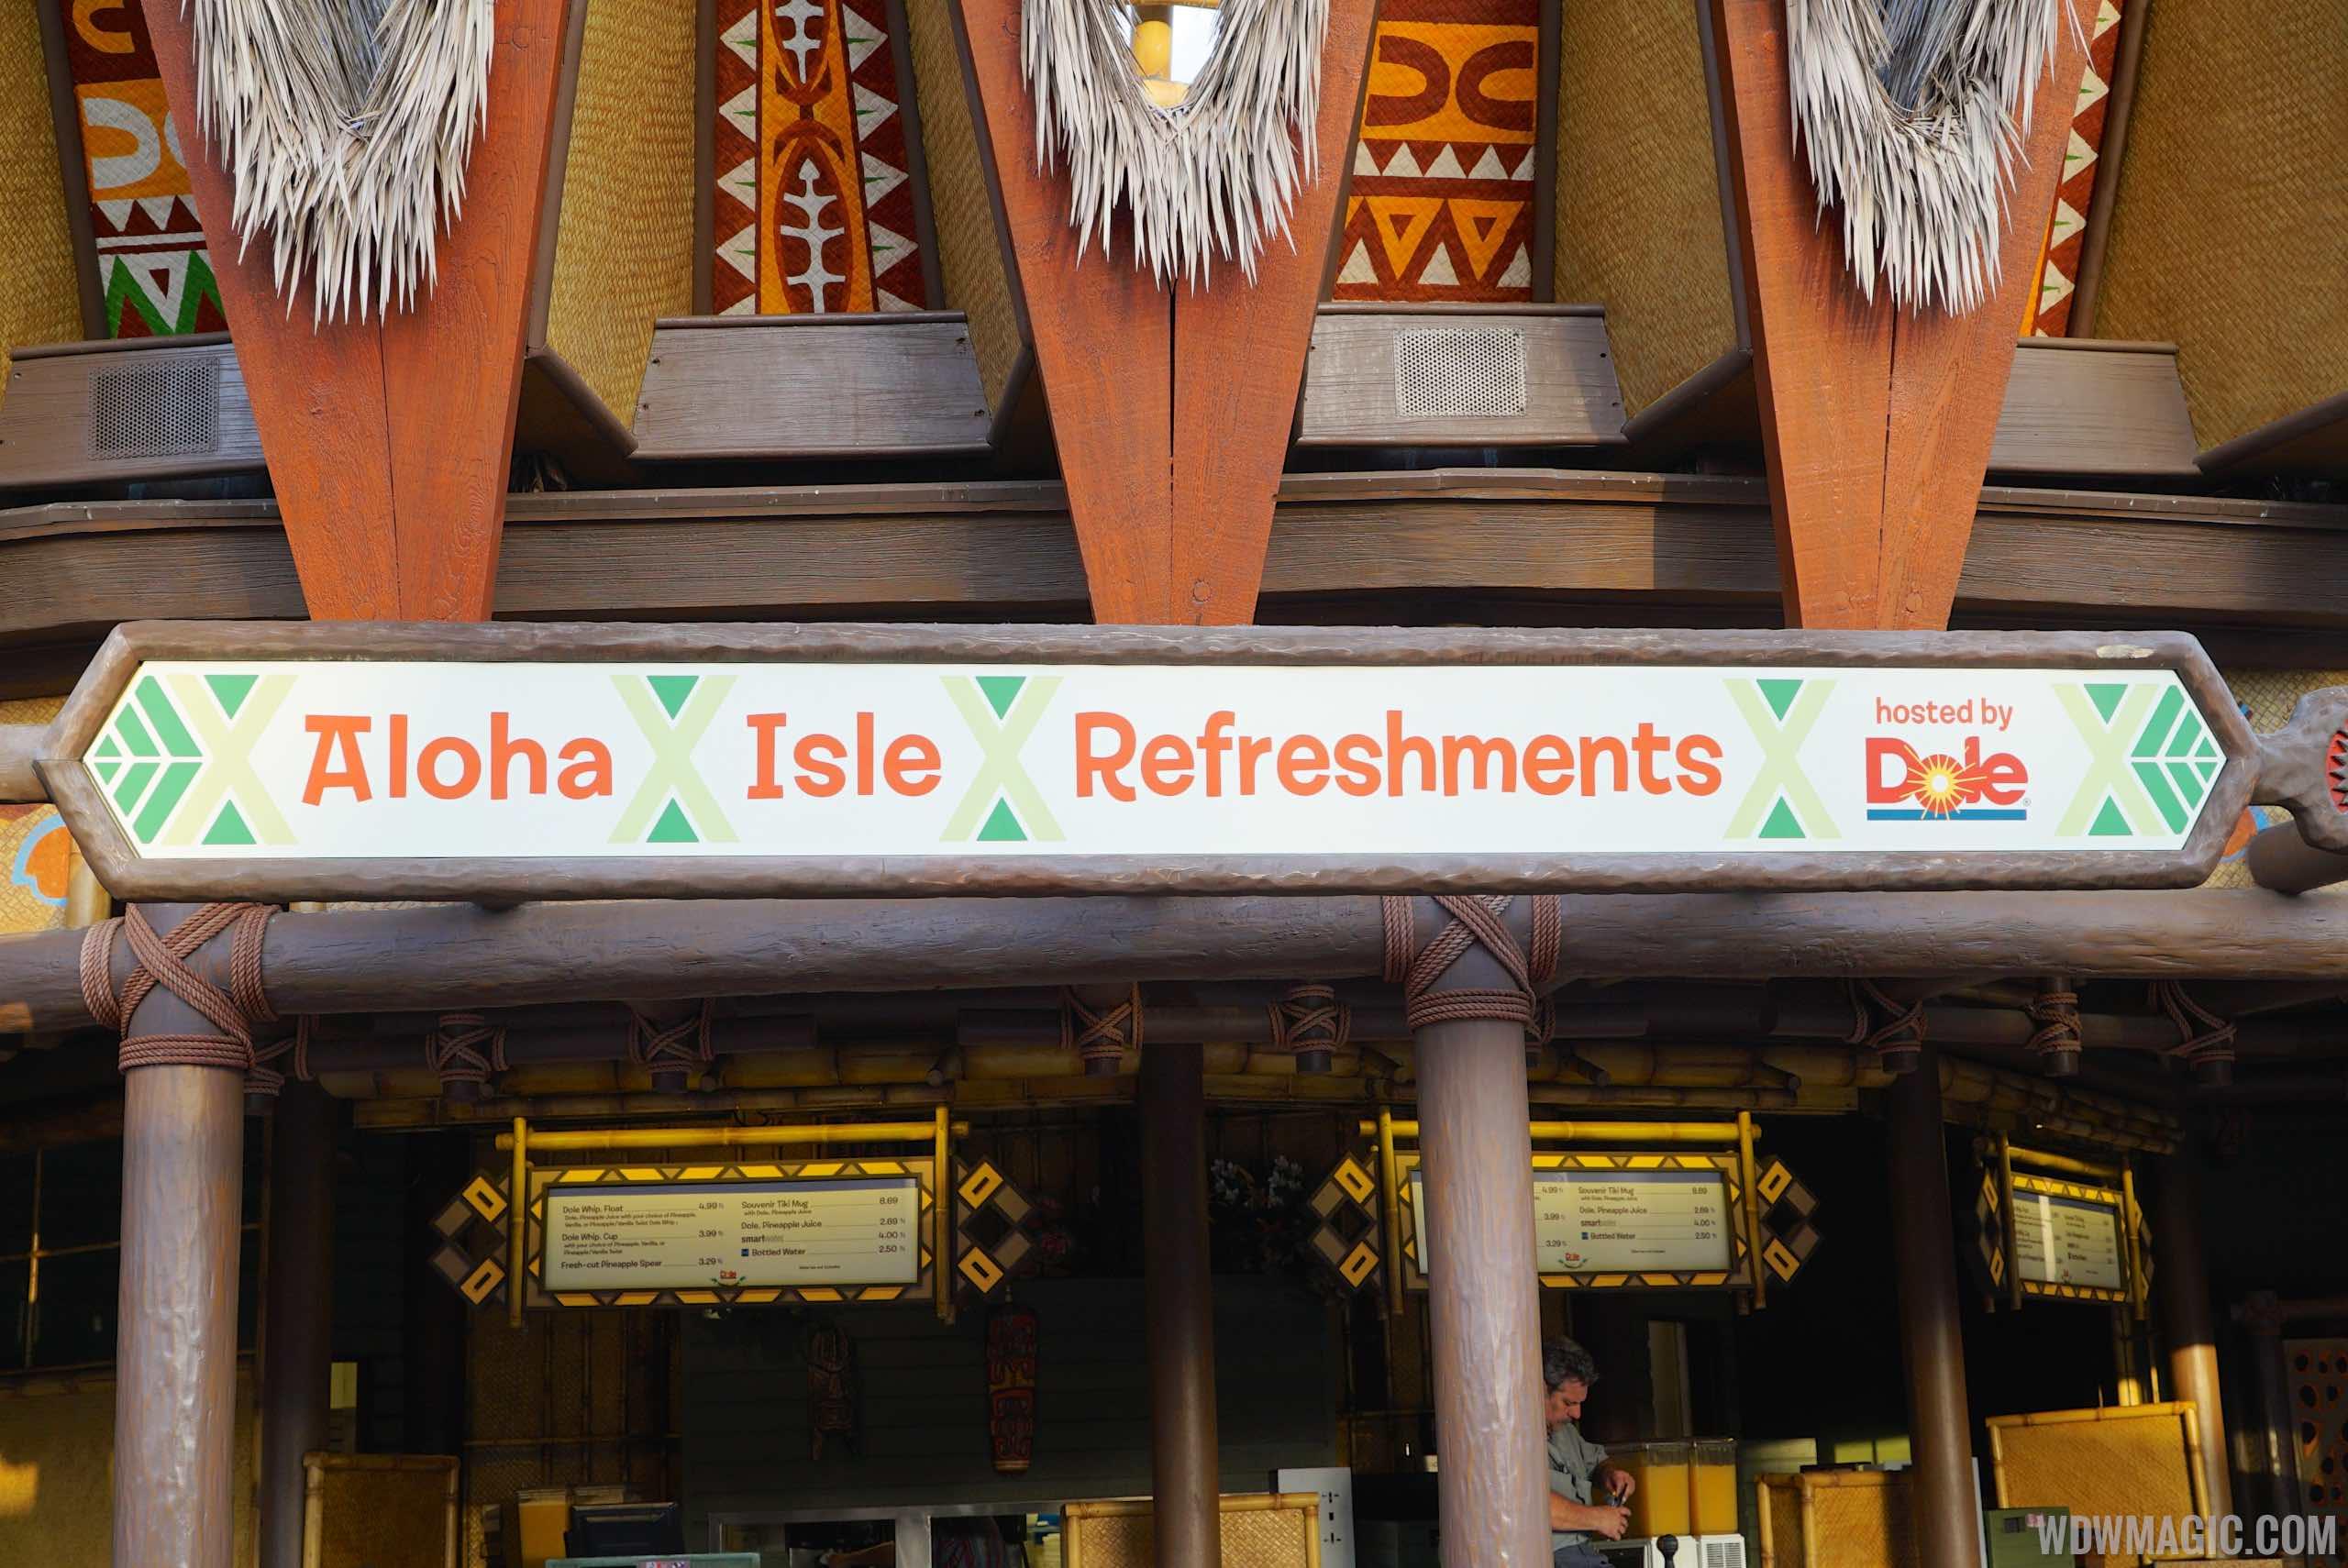 New location for Aloha Isle